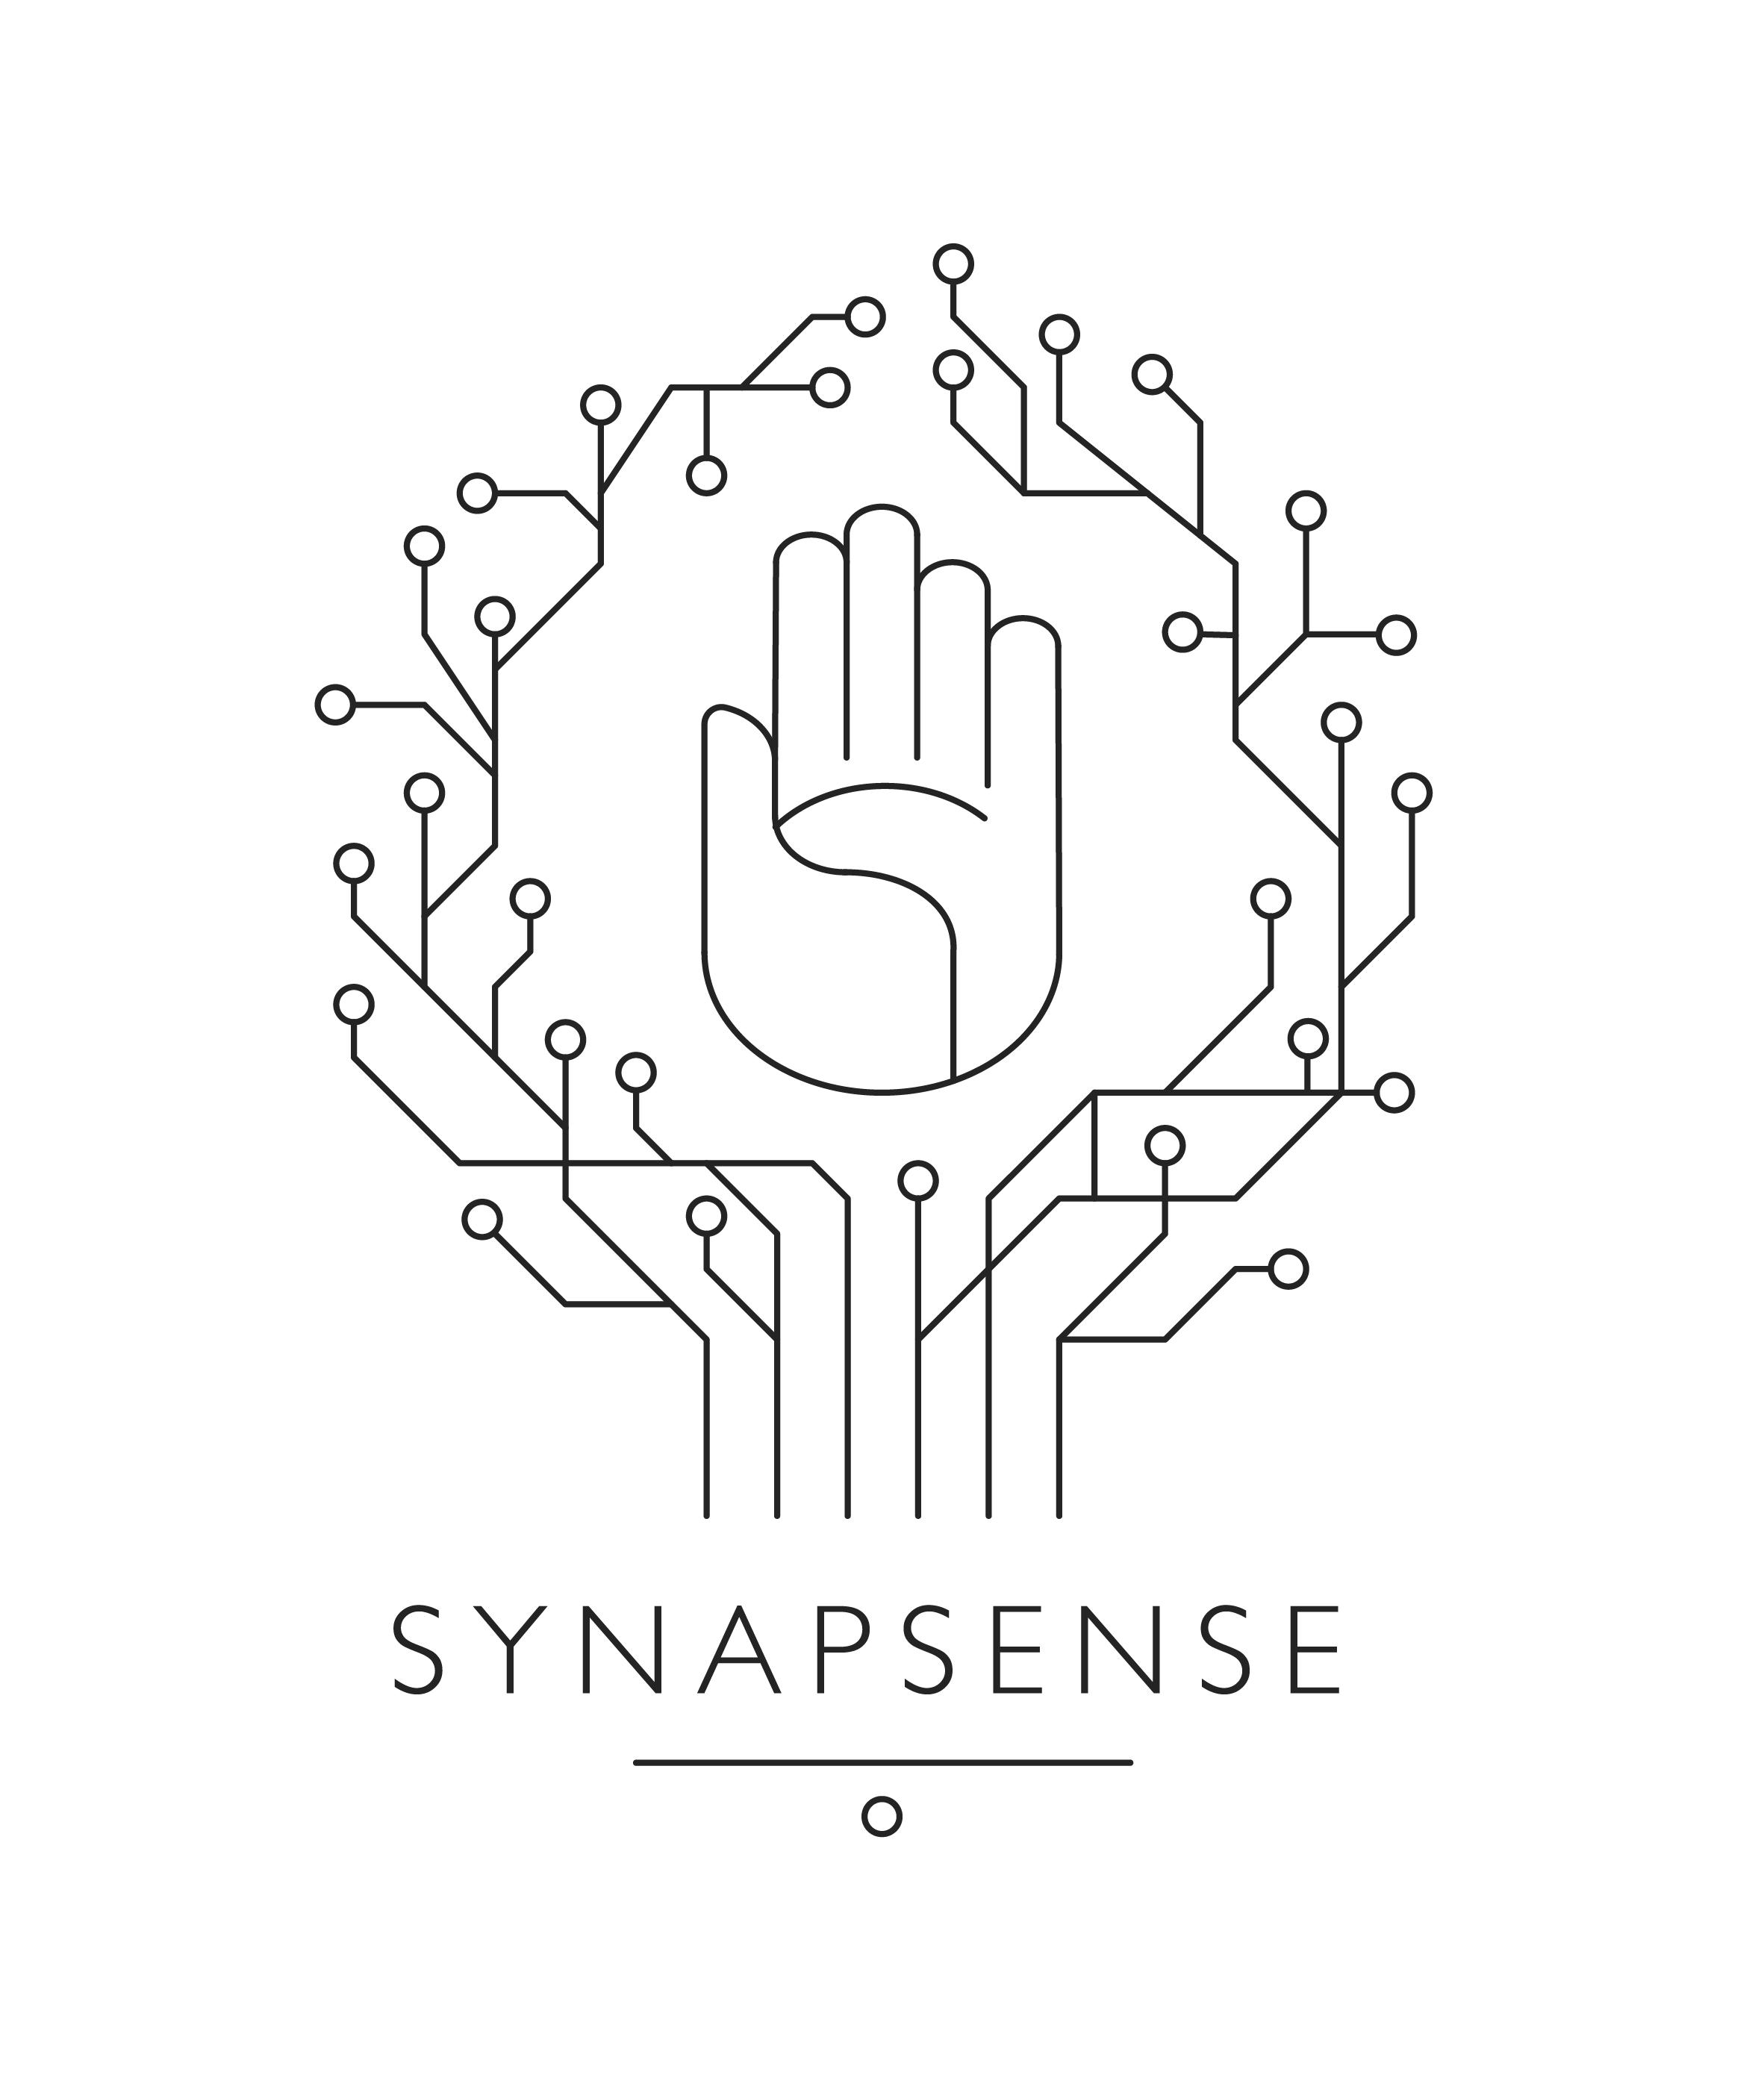 synapsense final logo-01.png